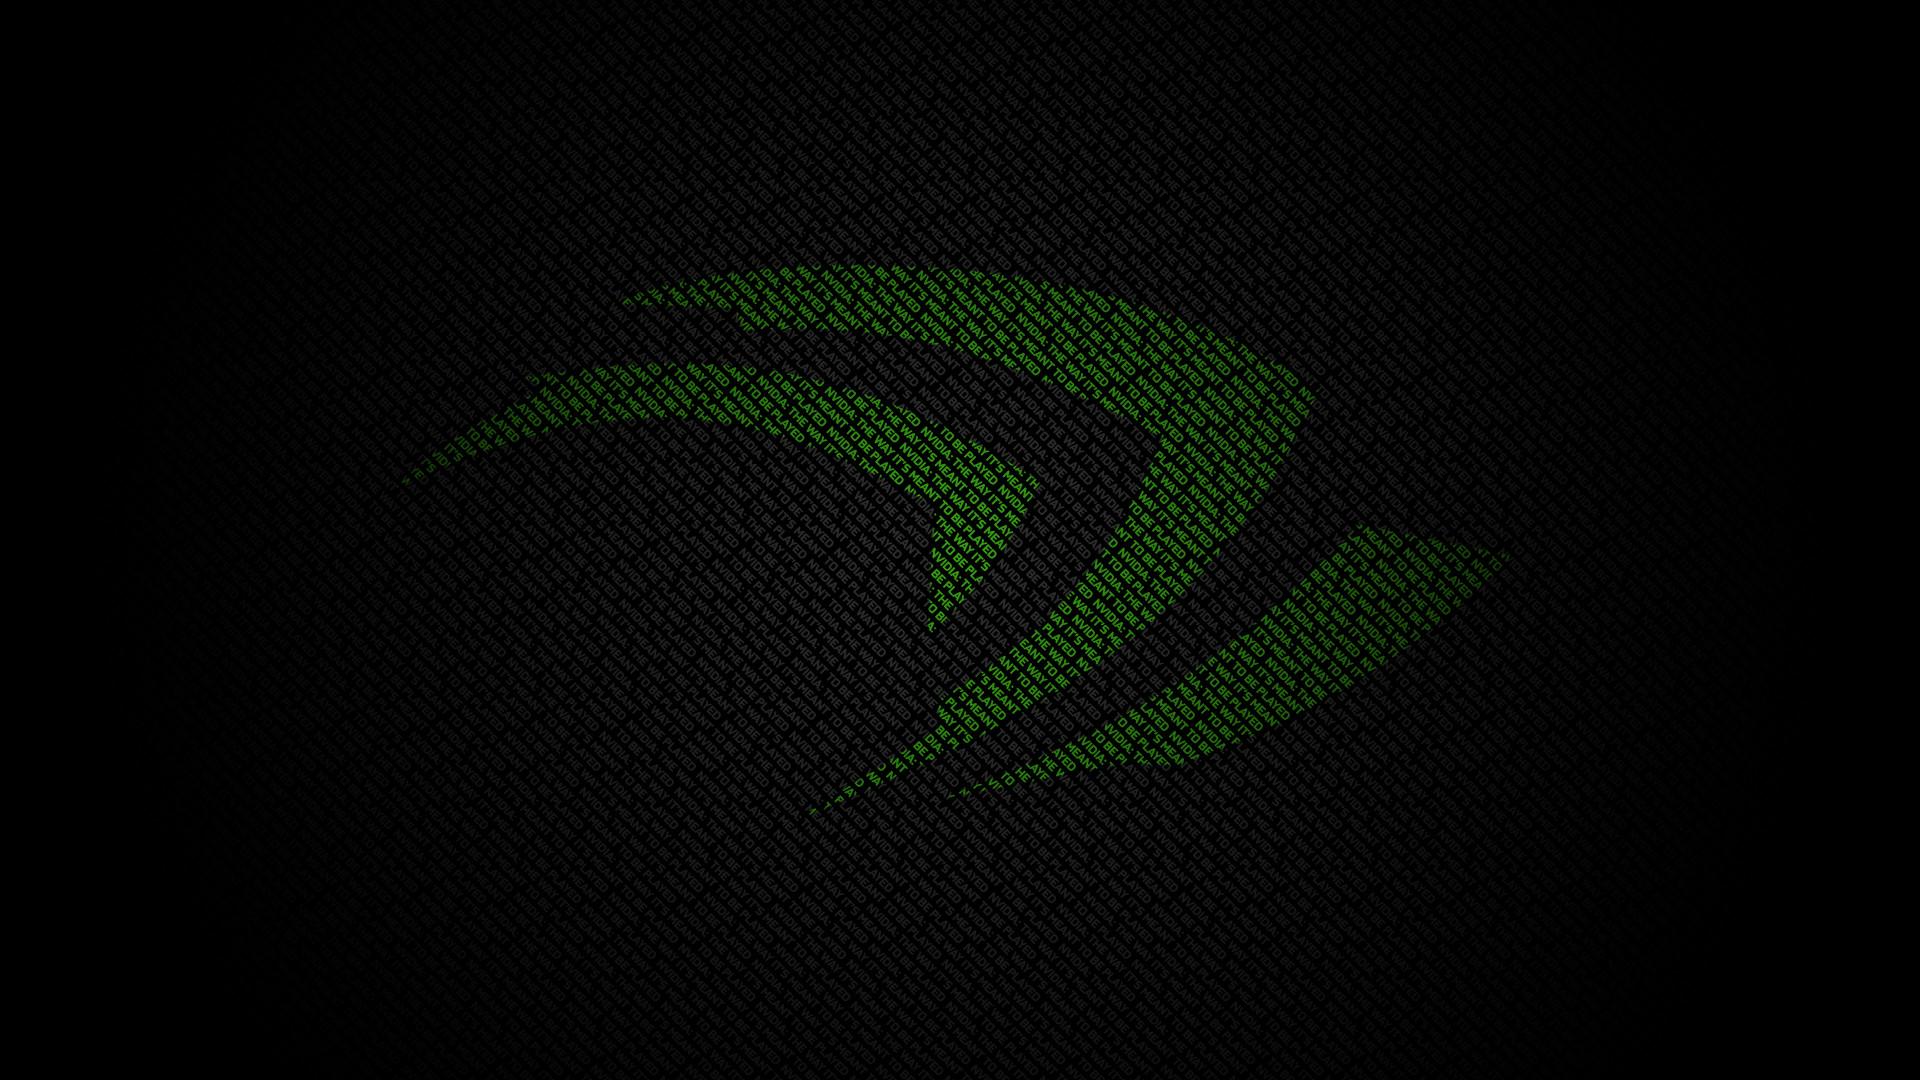 Msi Wallpaper Full Hd Sfondi Nvidia 82 Immagini